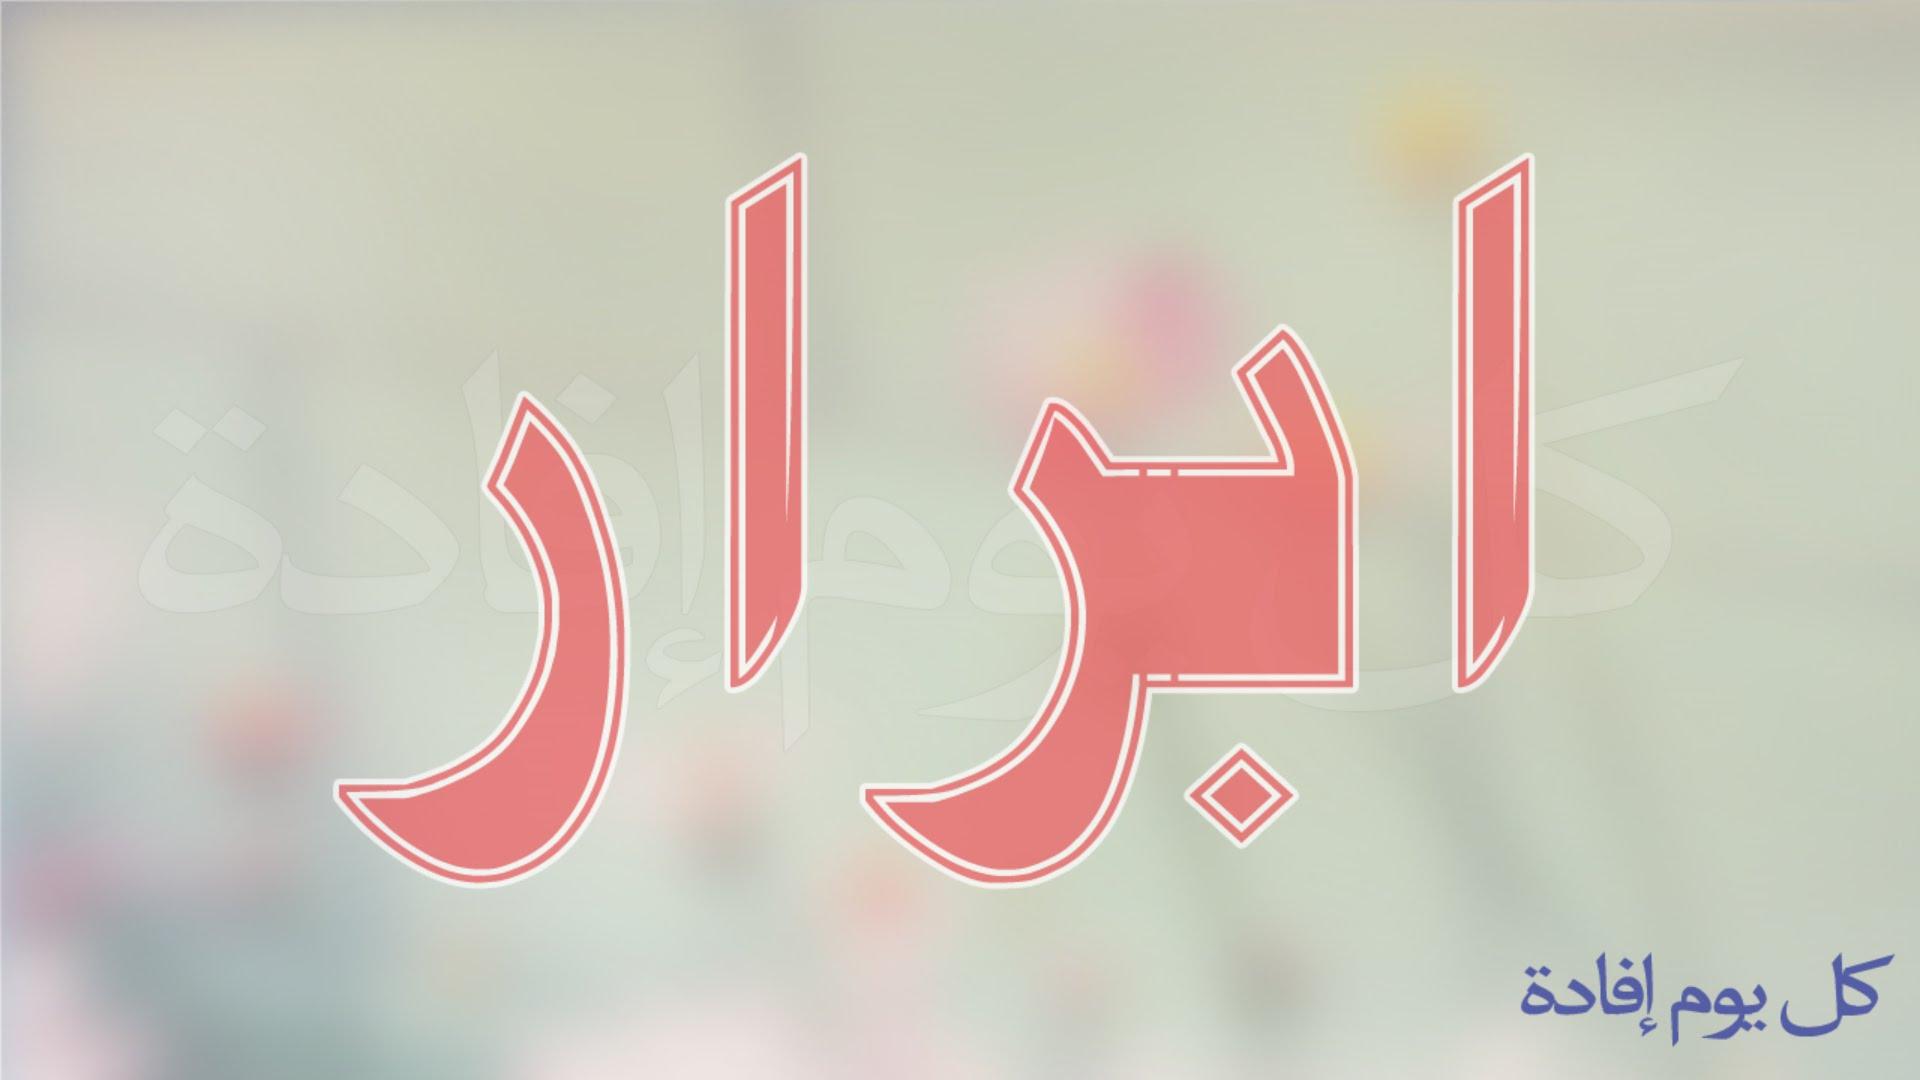 بالصور اسم ابرار مزخرف , تصاميم ومعنى لاسم ابرار روووعه 503 5